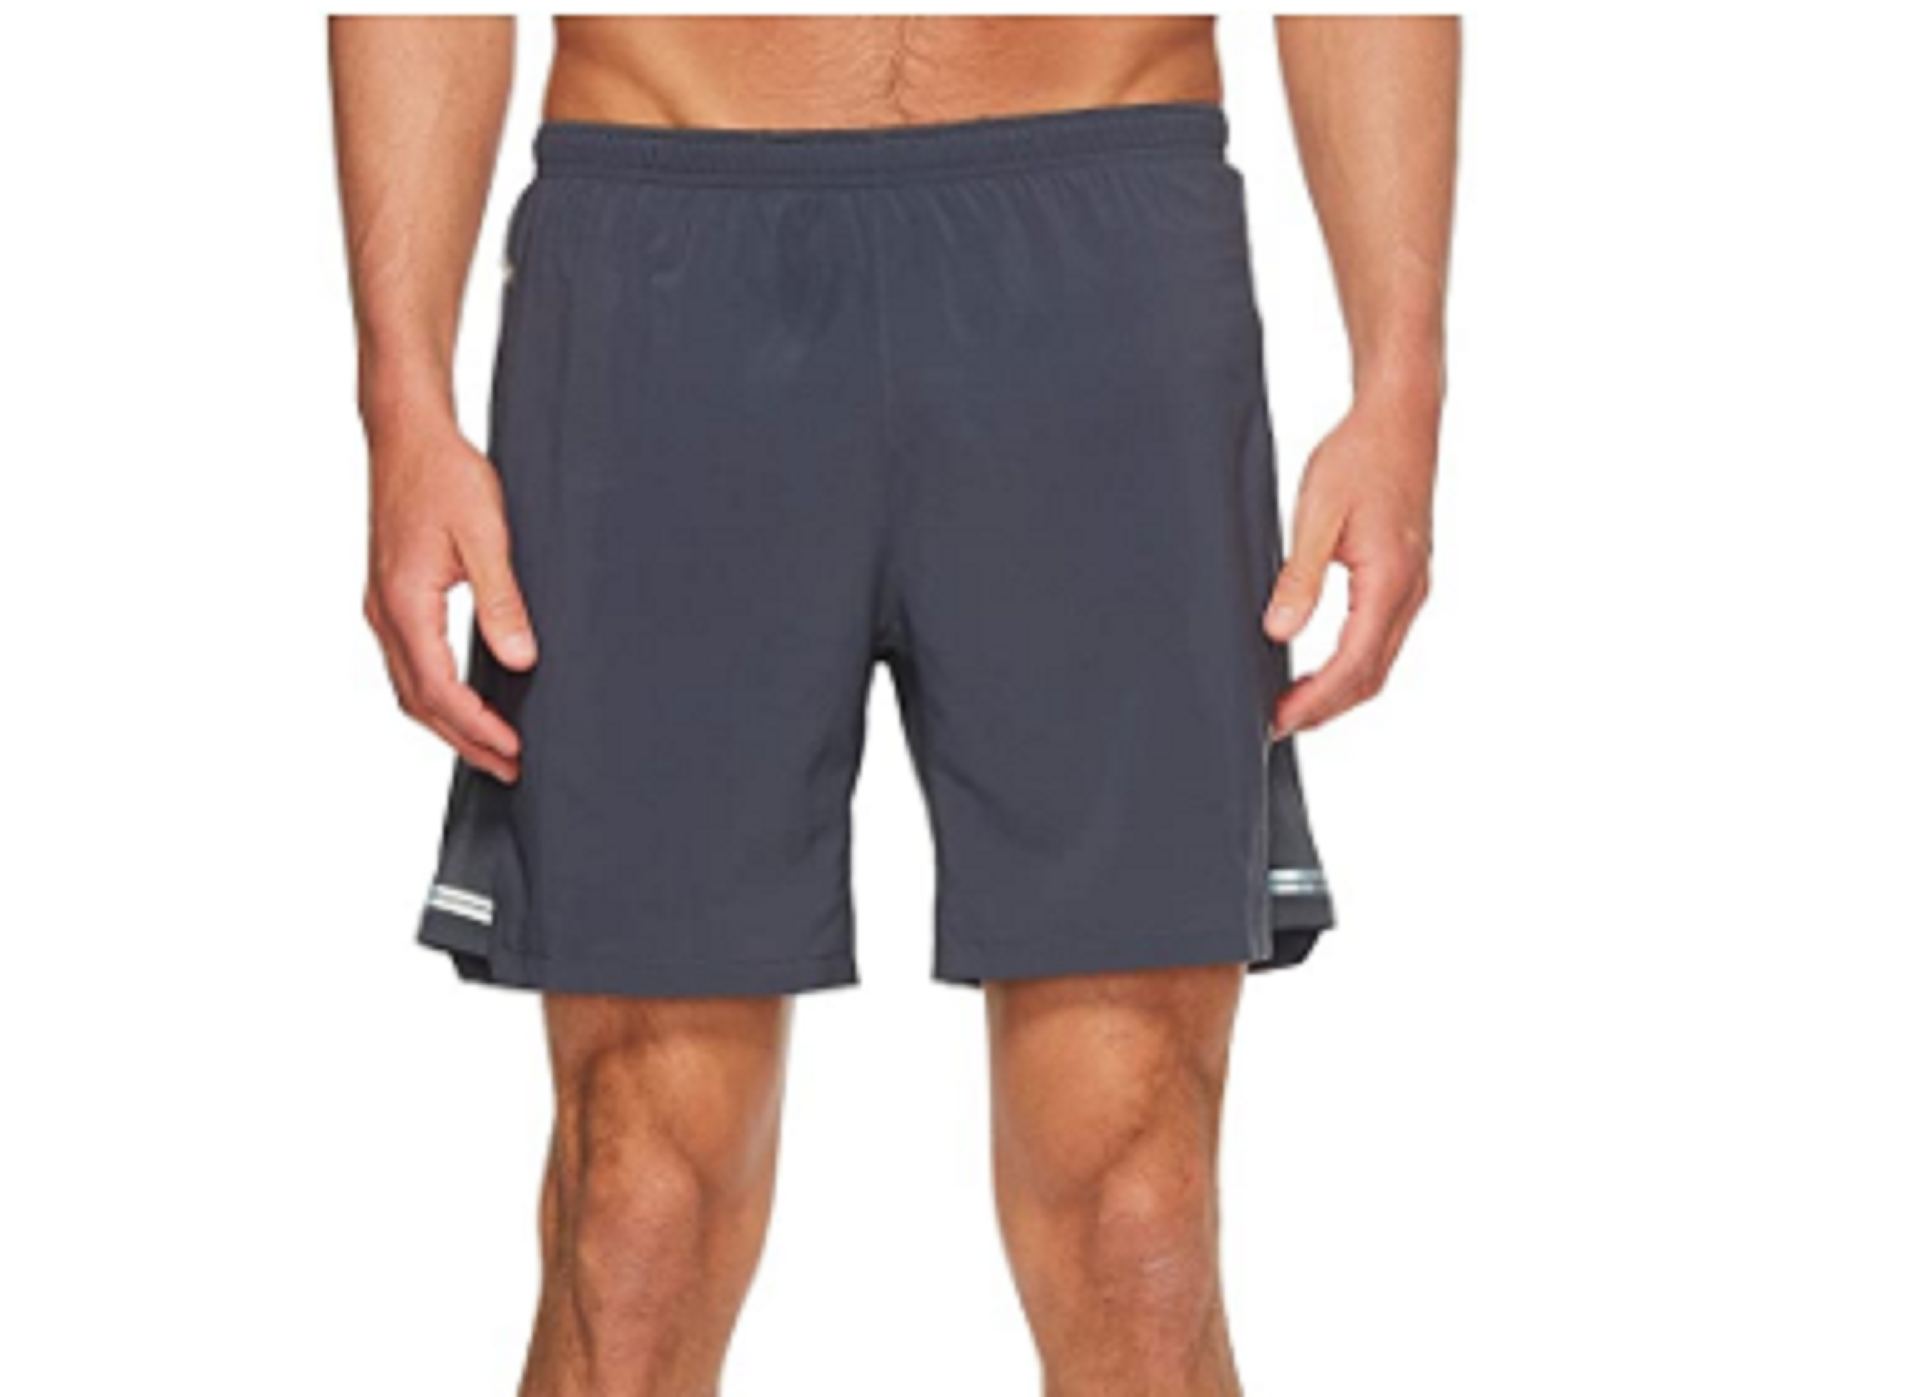 brook's men's running shorts